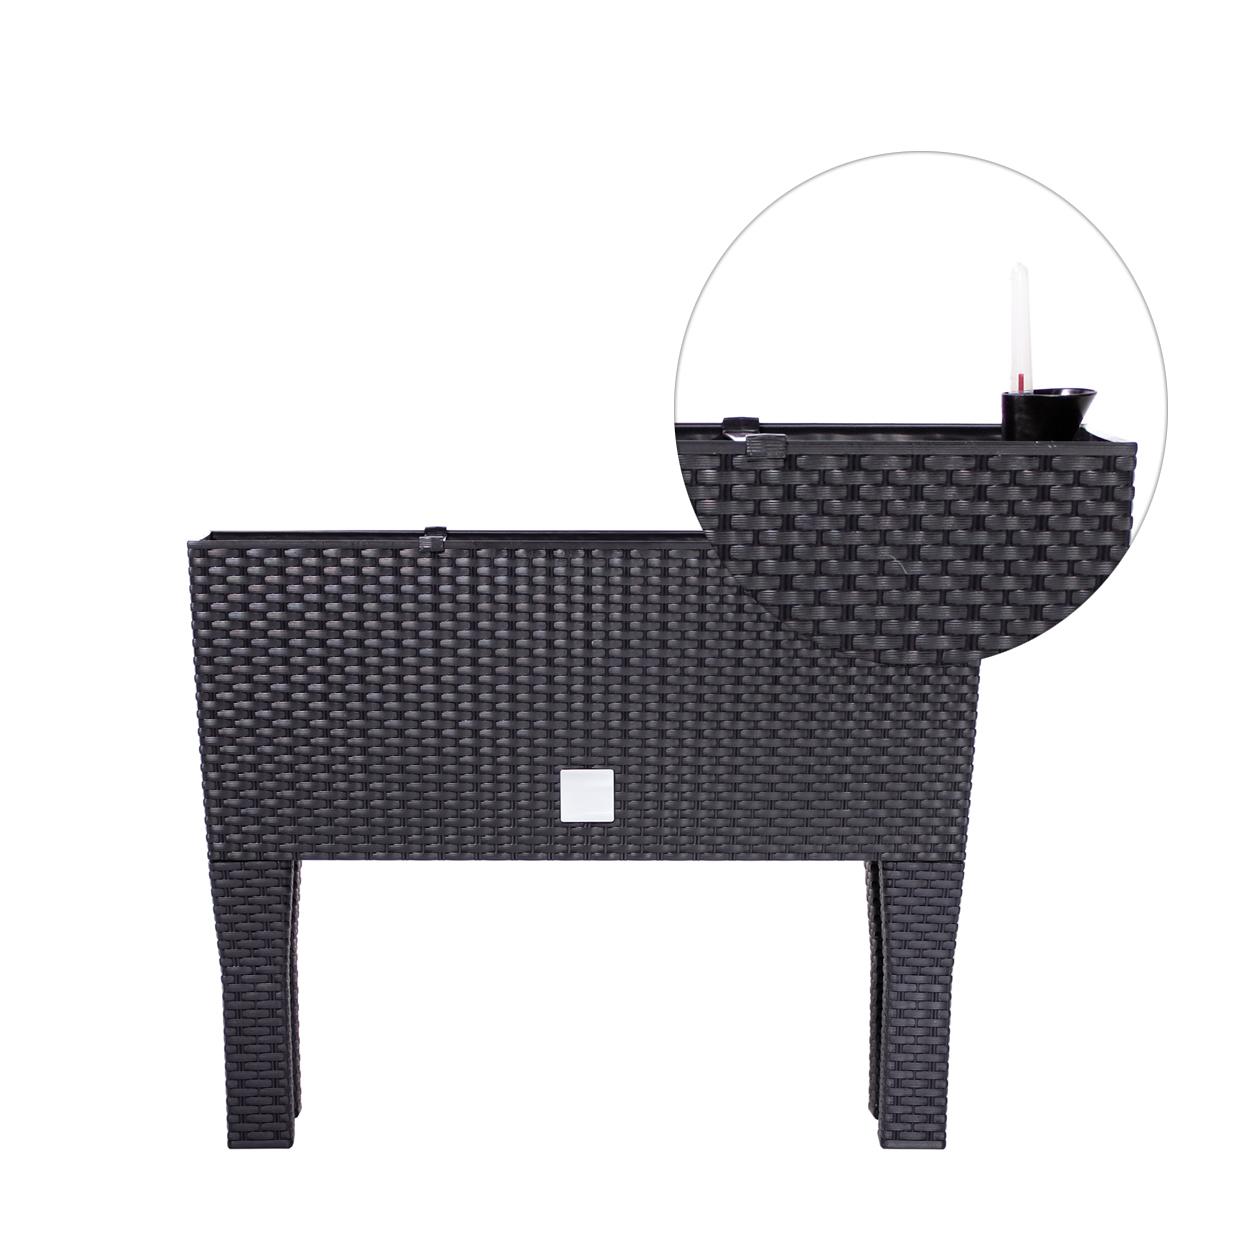 blumenkasten rattan 60cm blumentopf blumenk bel mit beinen bew sserung anthrazit ebay. Black Bedroom Furniture Sets. Home Design Ideas